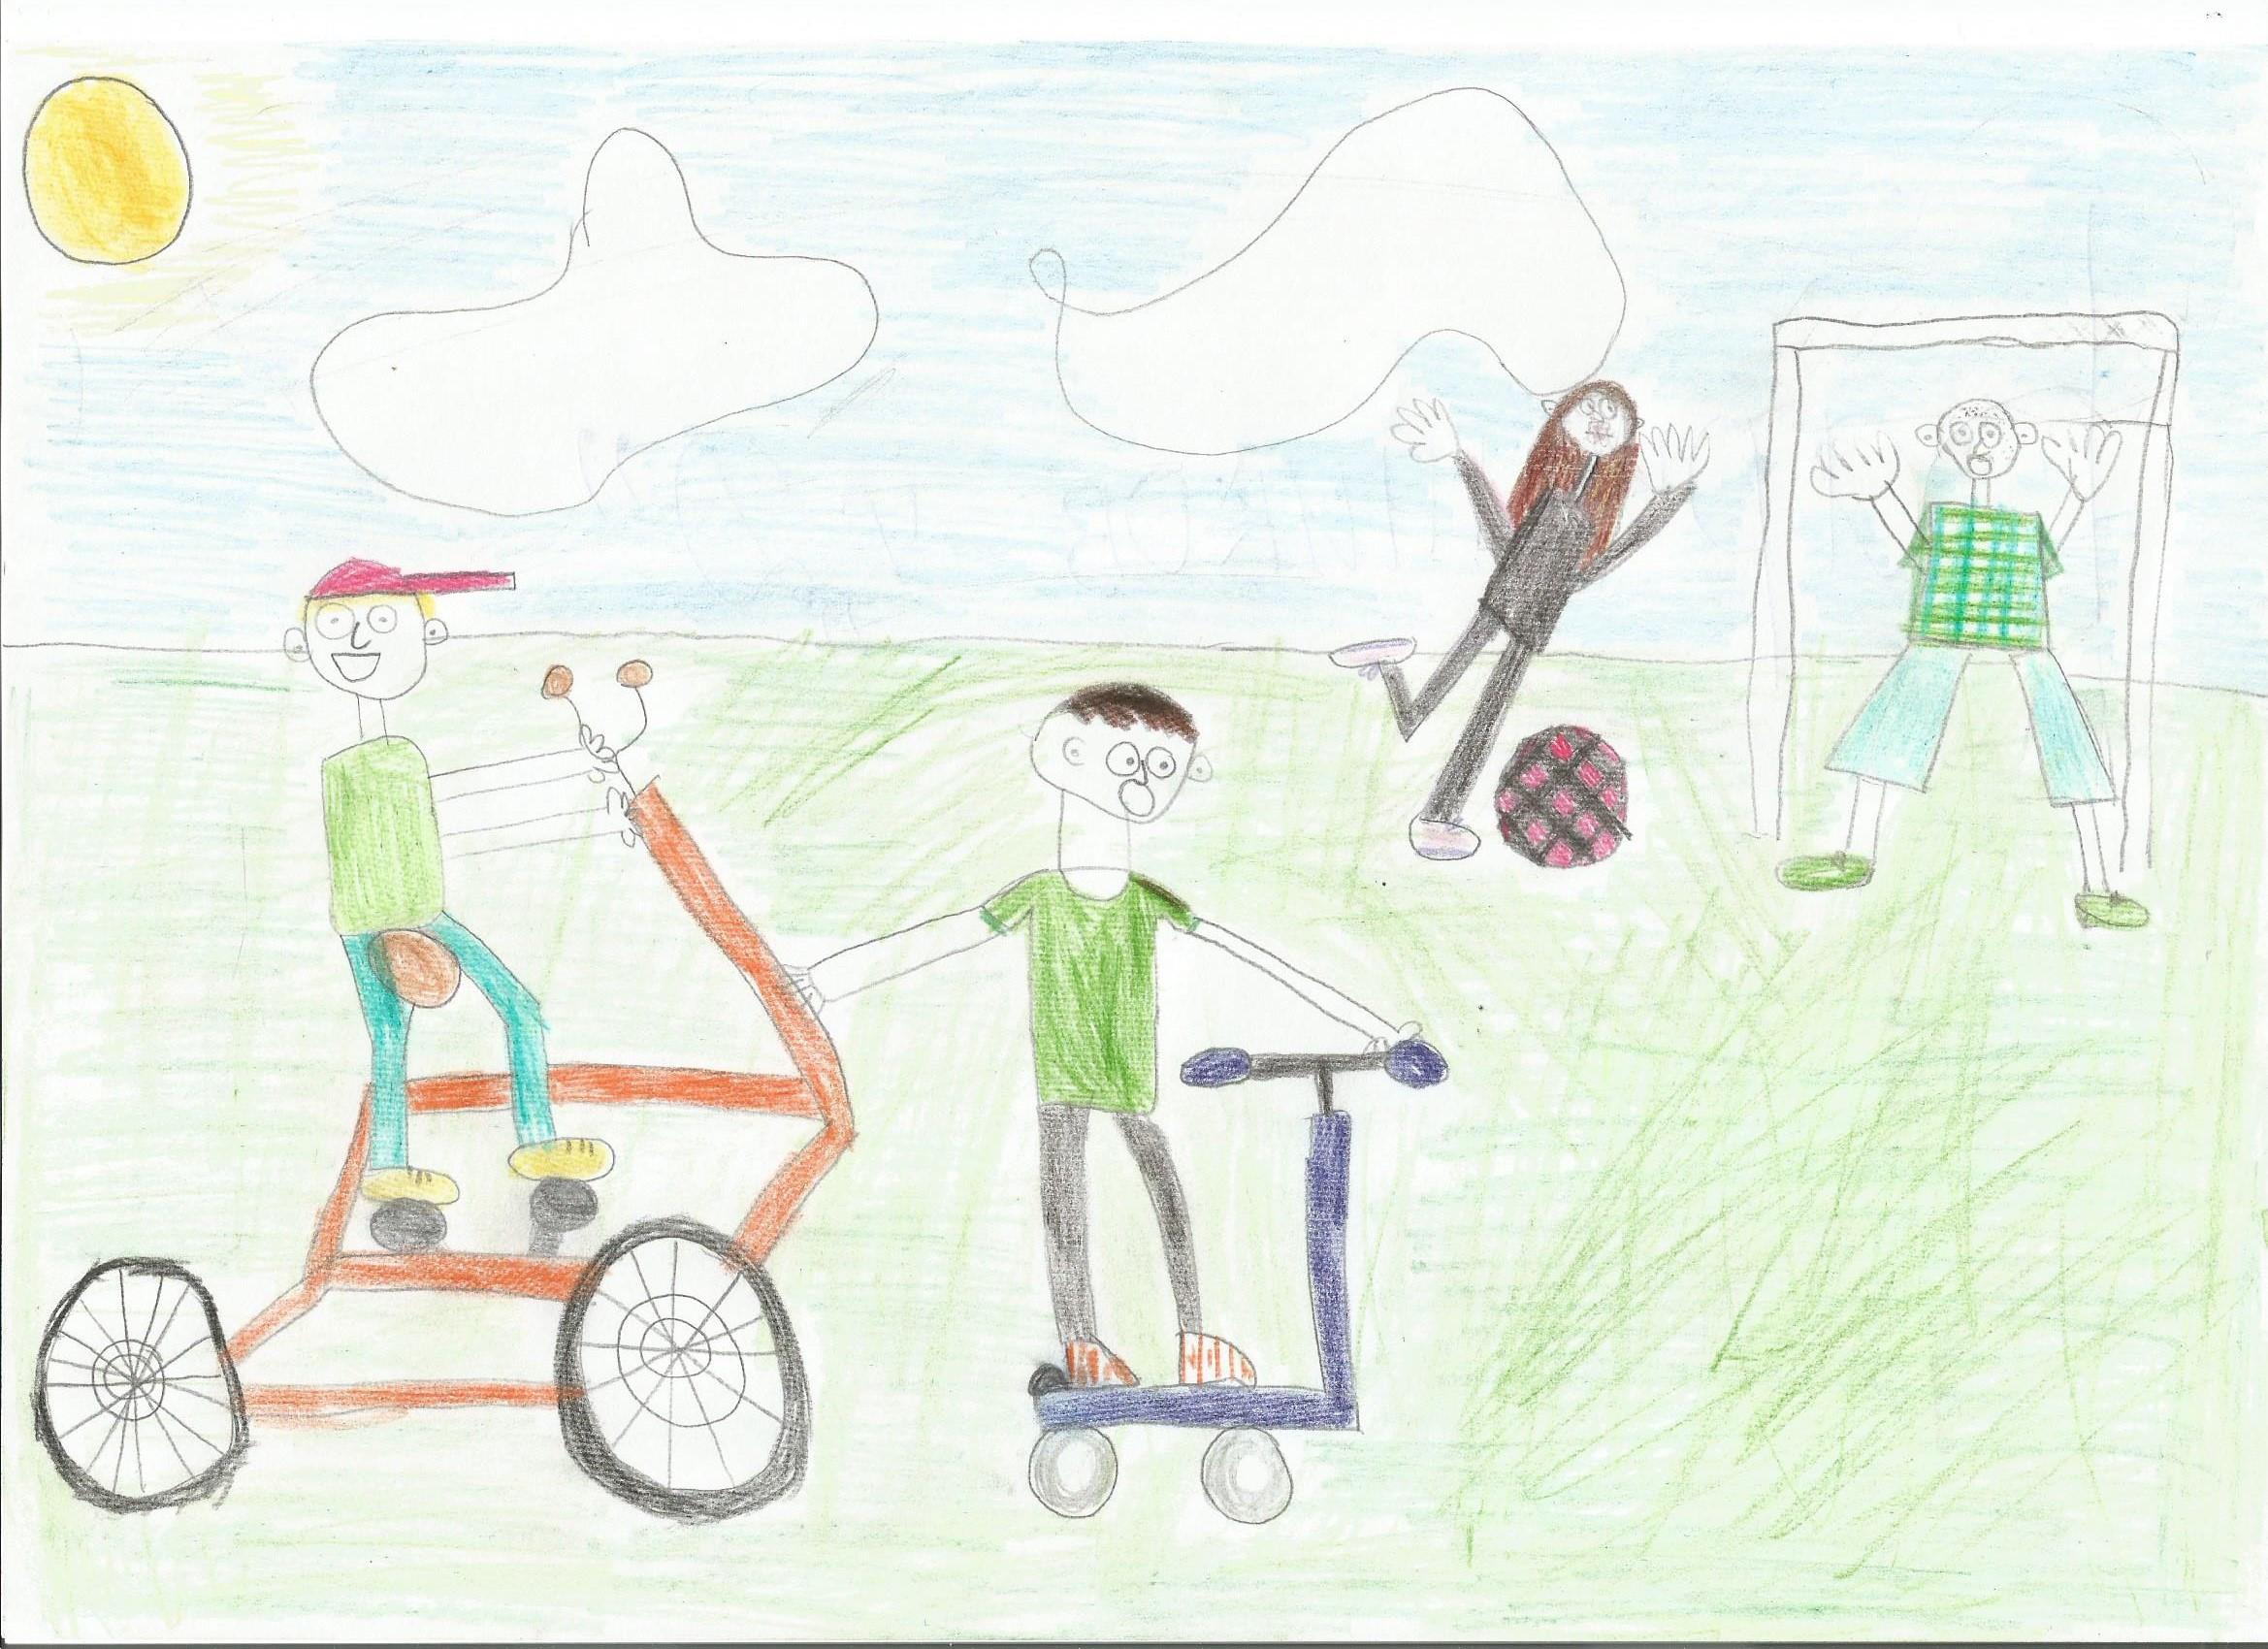 длинным рисунок папа мама я спортивная семья воздушная яичница вкусный